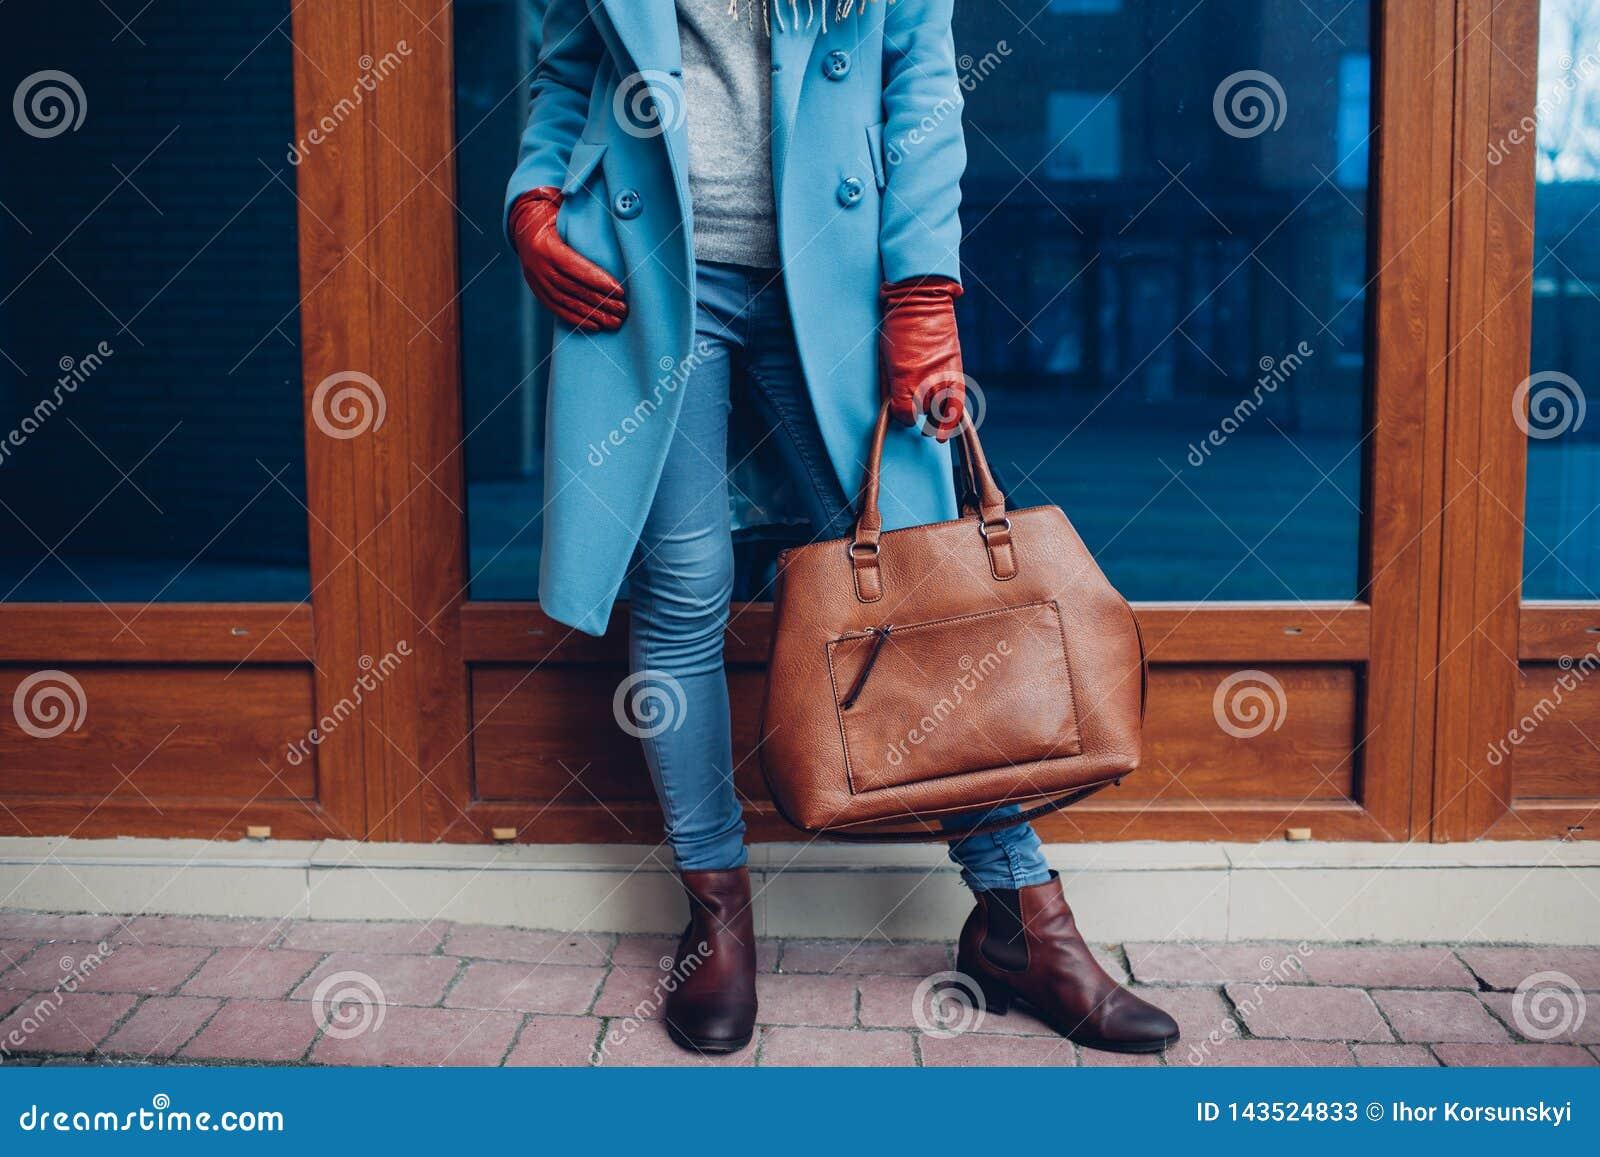 Piękno i moda Elegancka modna kobieta jest ubranym żakiet i rękawiczki trzyma brąz torby torebkę,